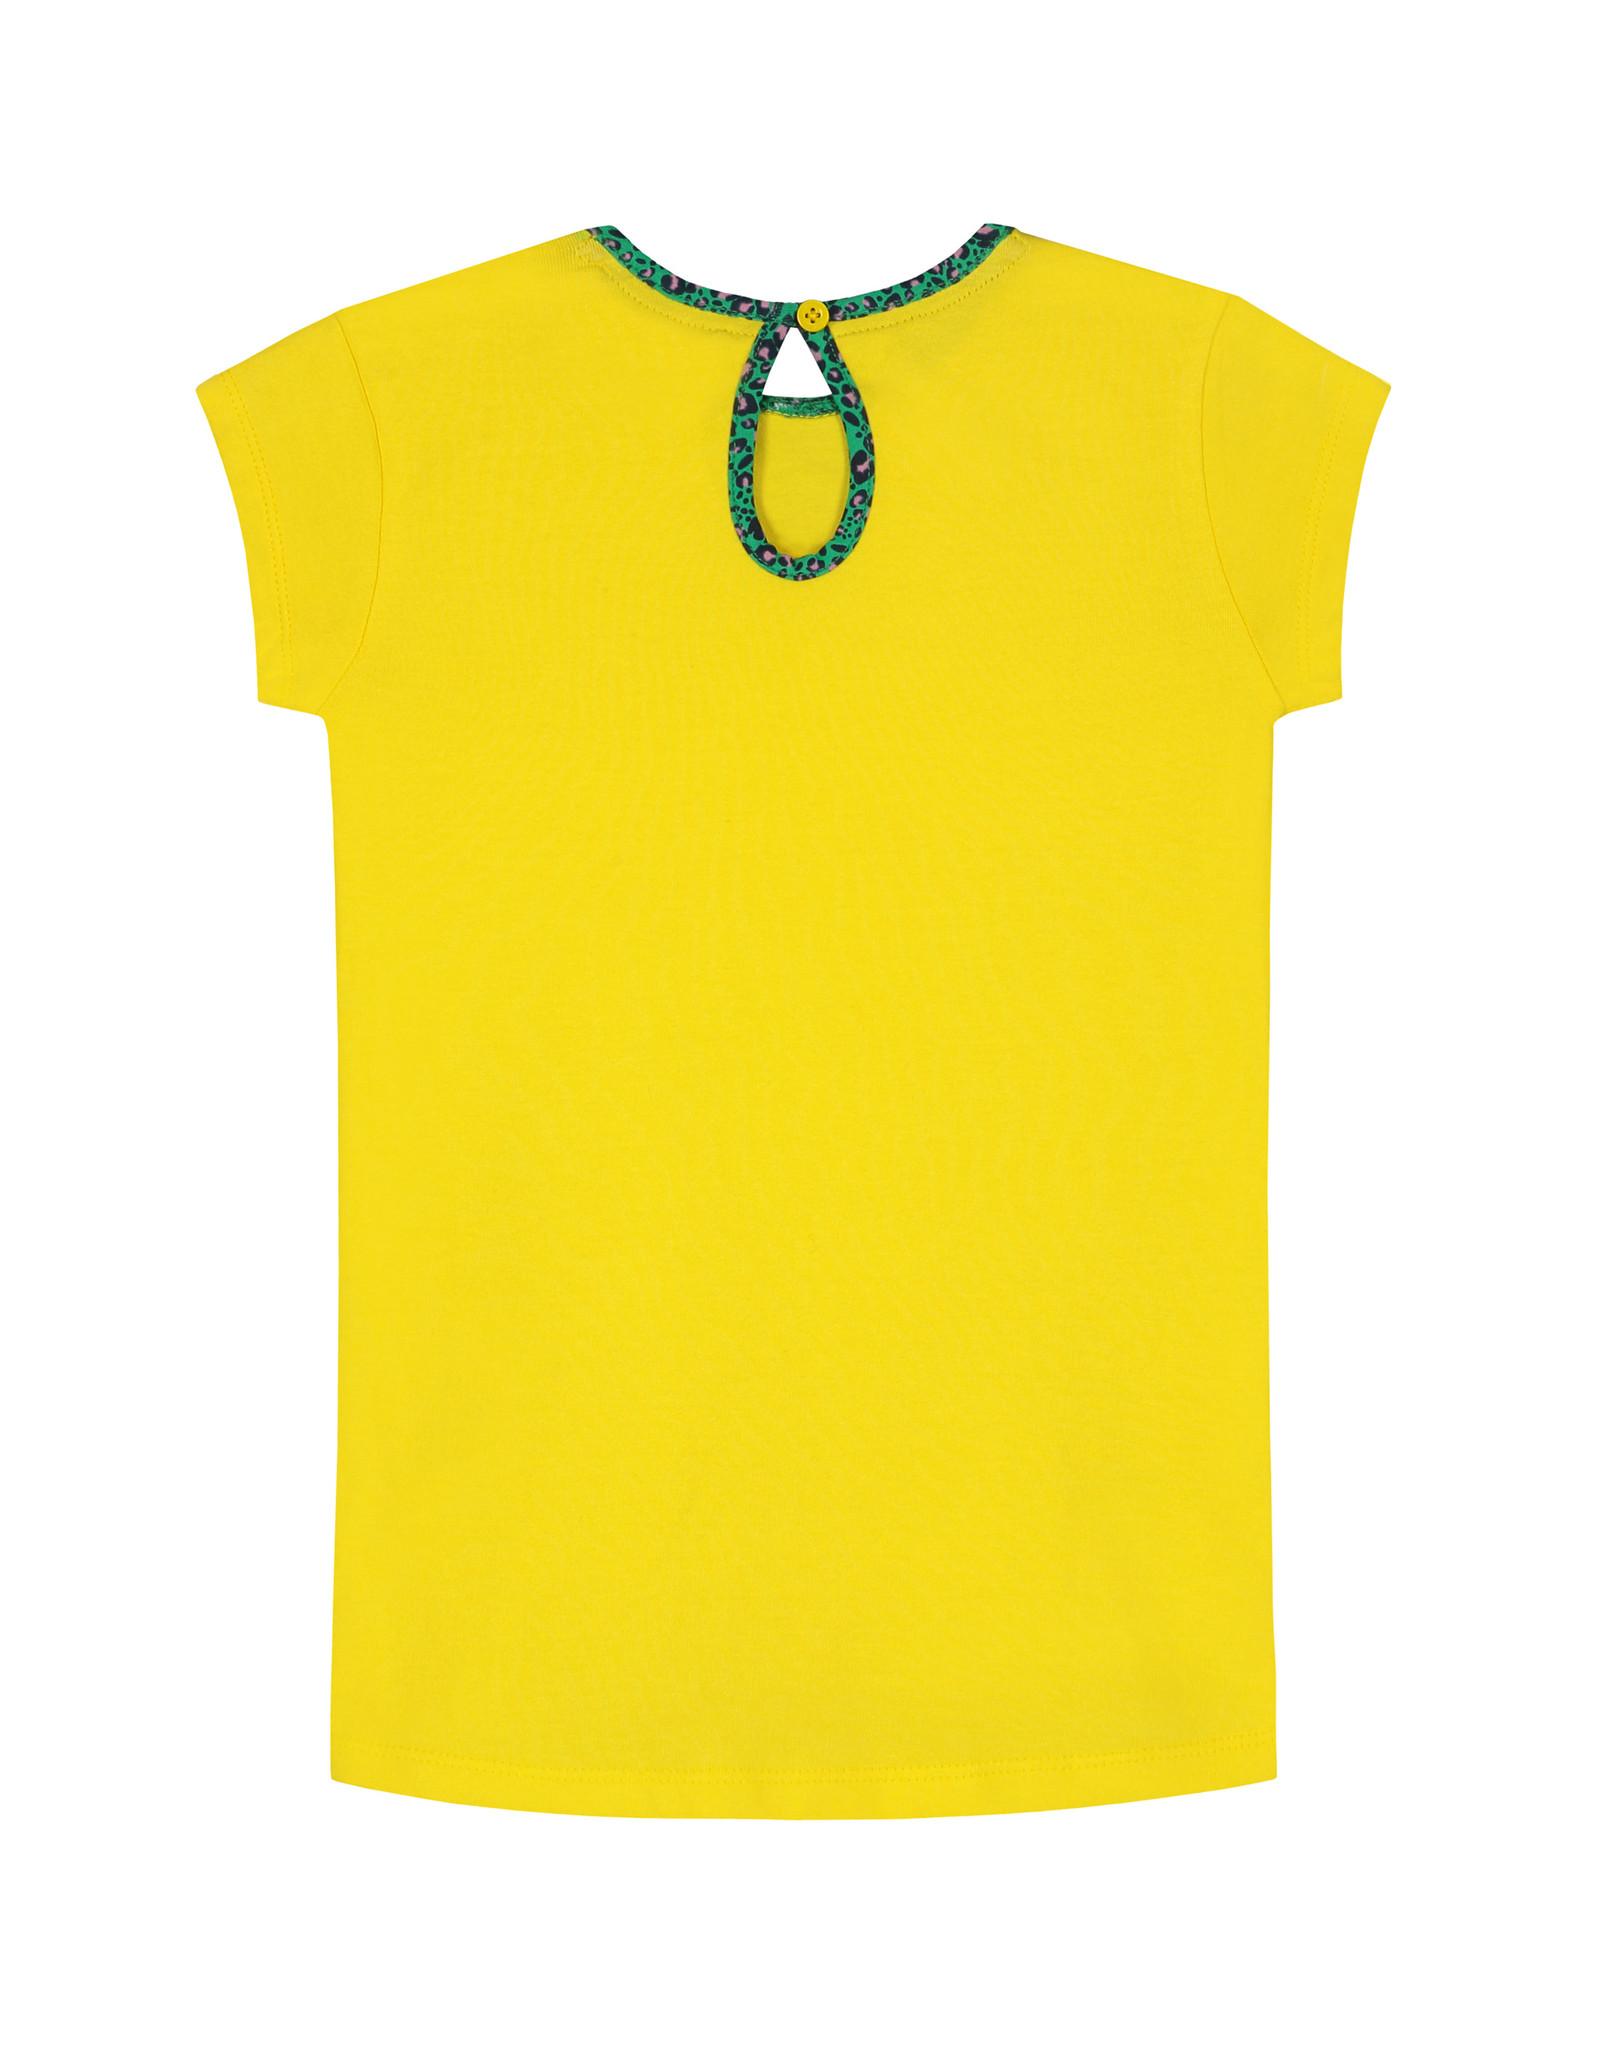 Quapi ANDIE S203 Banana Yellow